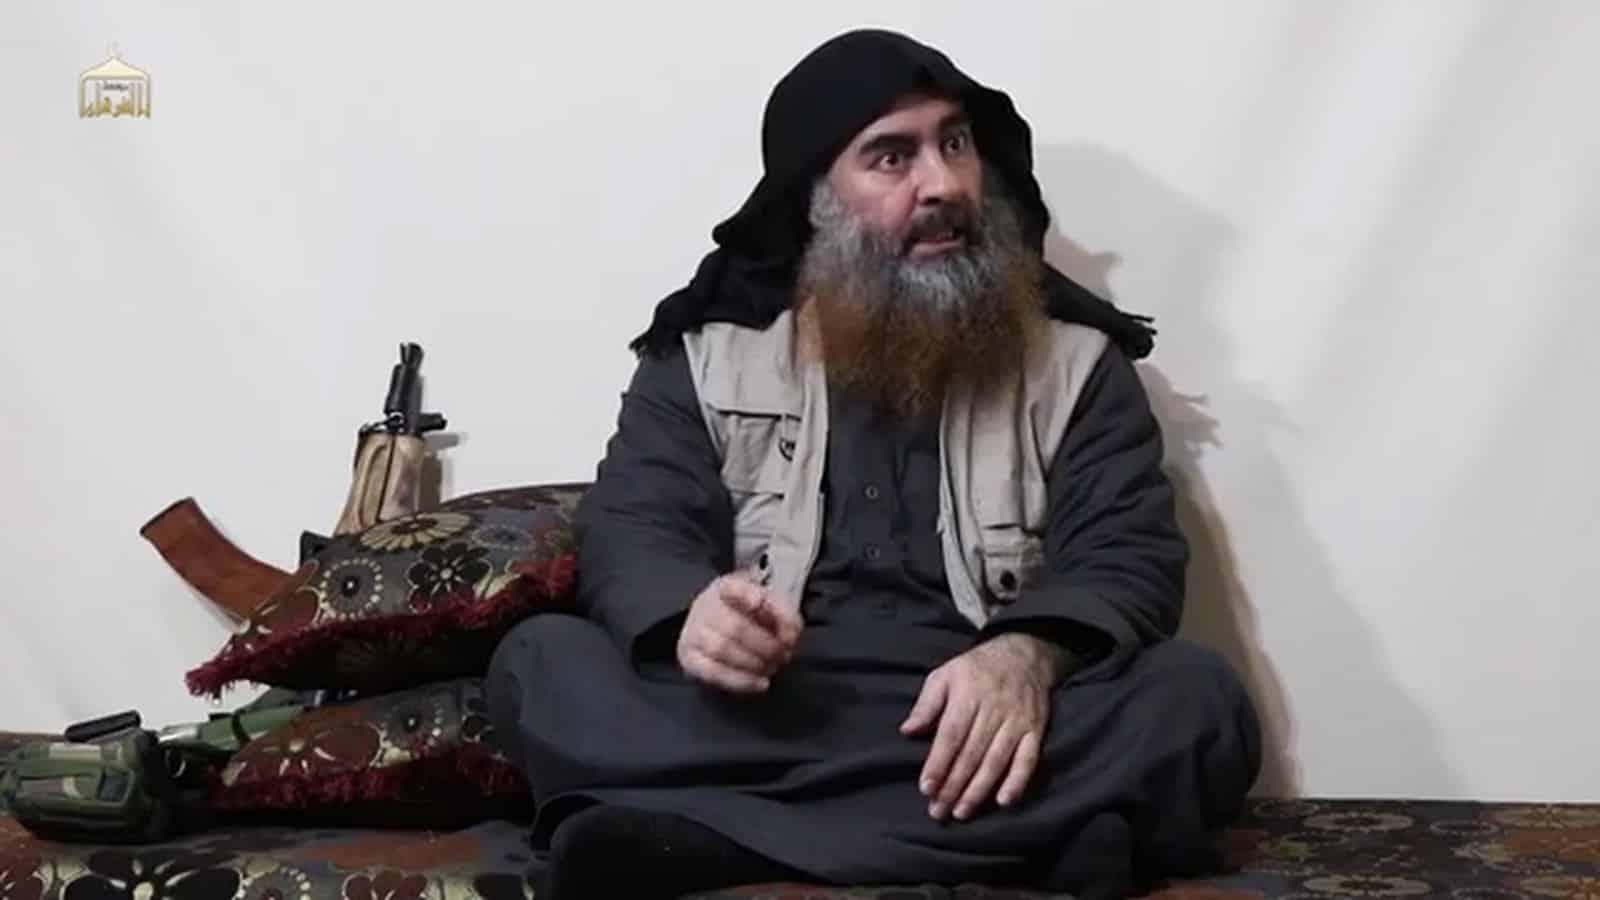 Já ouviu falar no estado islâmico? Sabe o que significa? Descubra agora